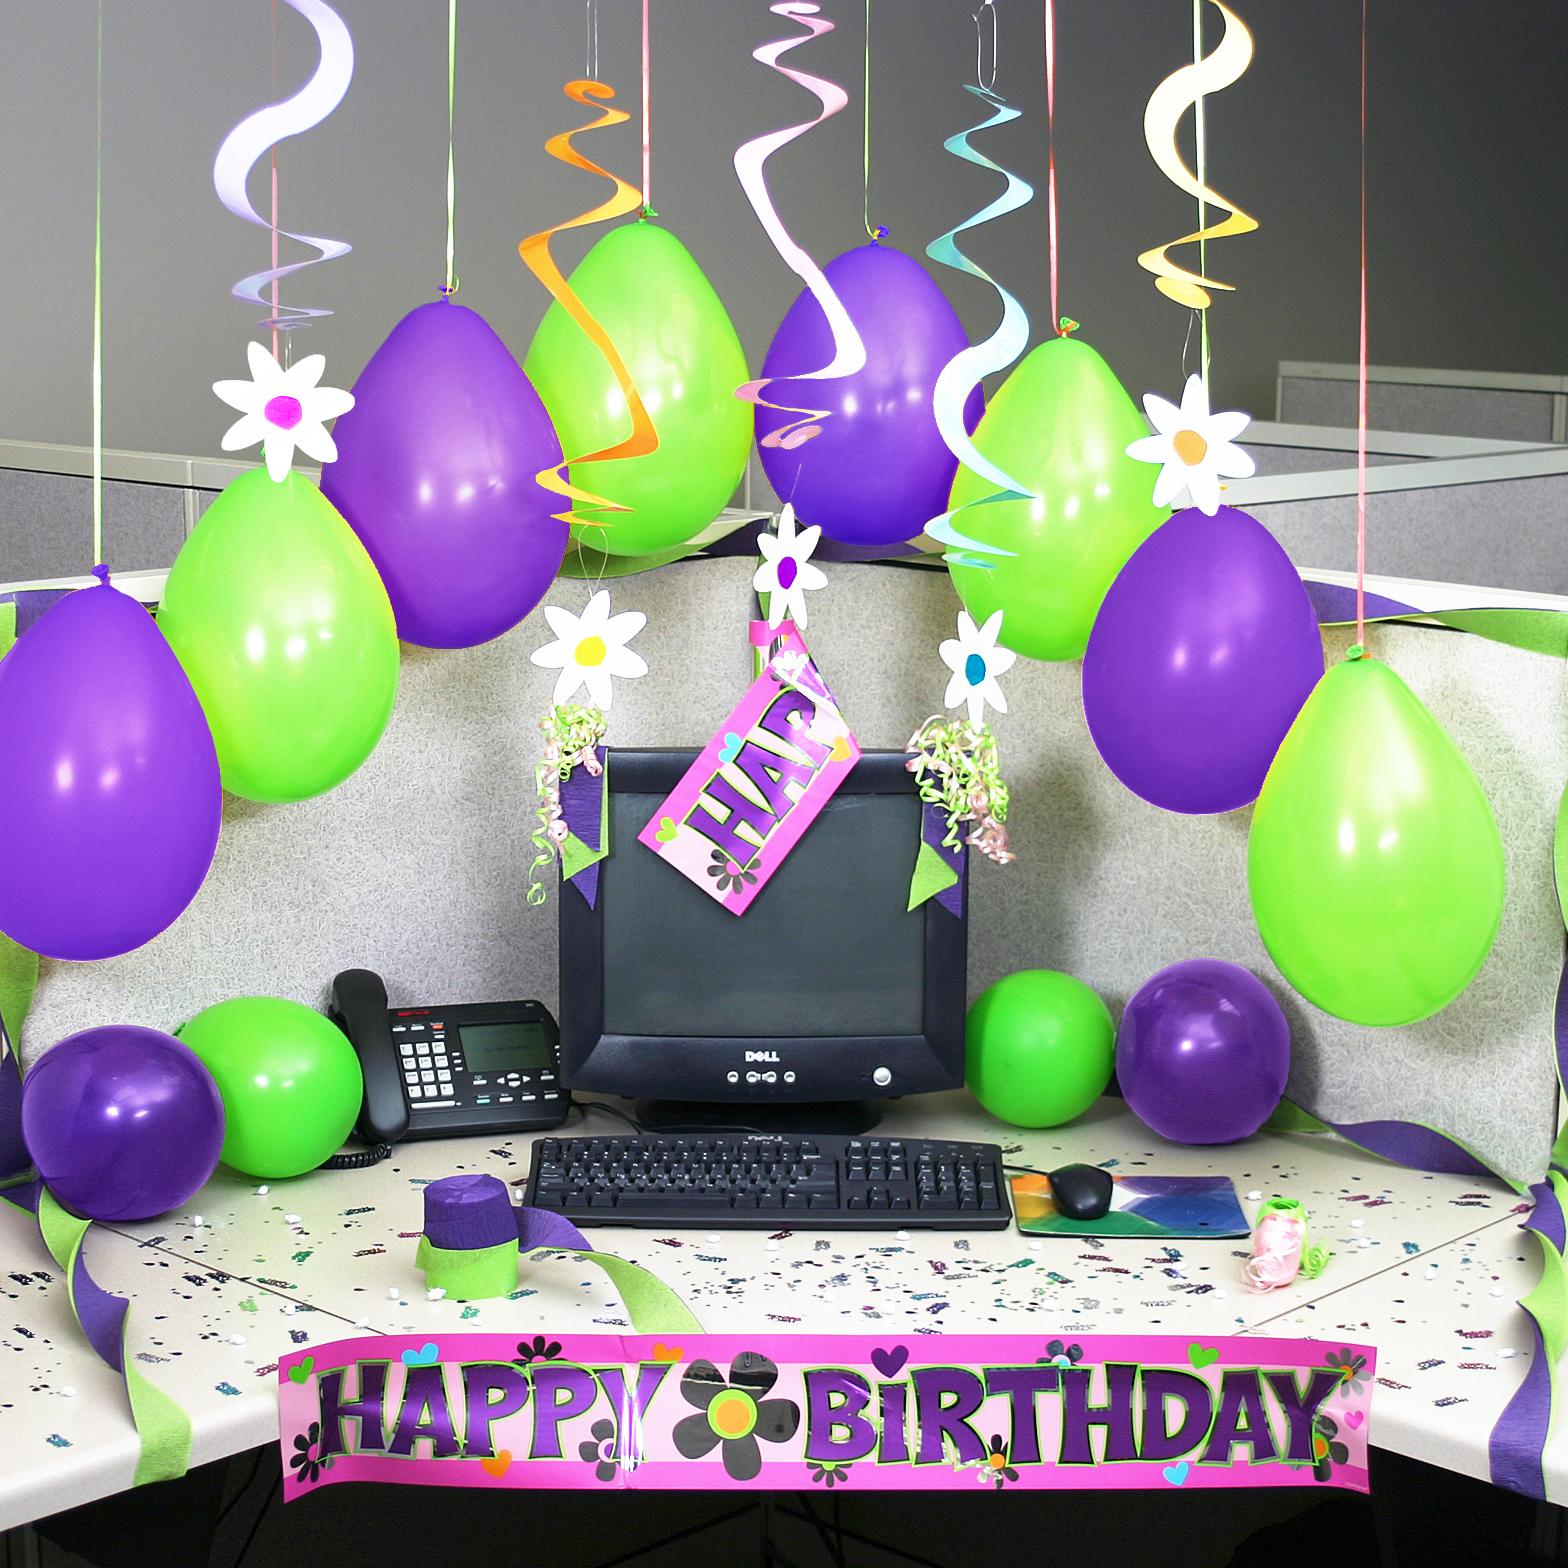 Открытки с днем рождения офиса, для